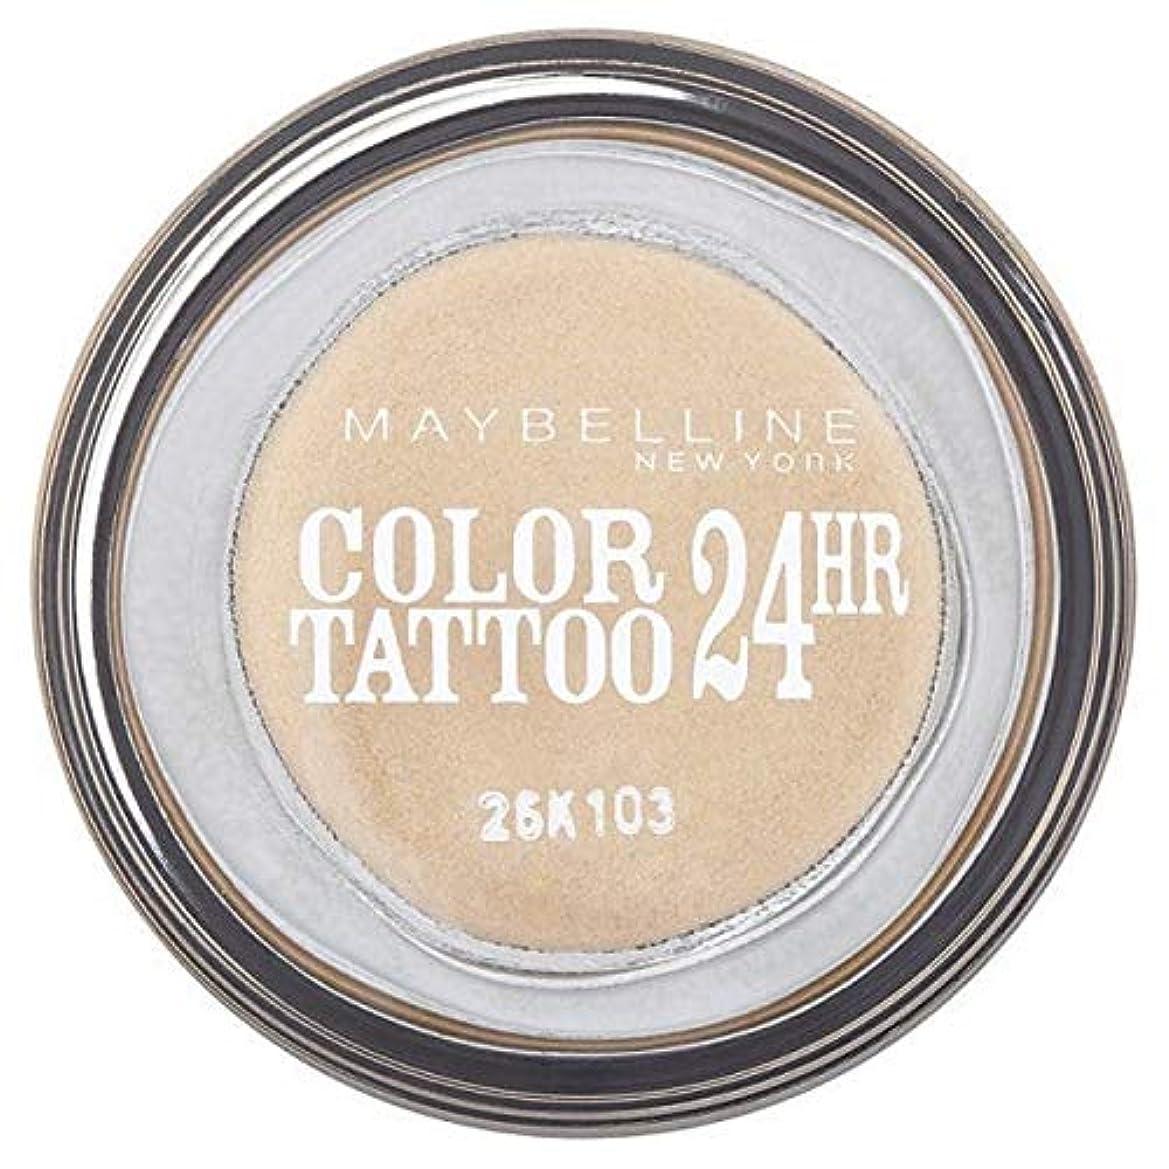 副詞毒液ボート[Maybelline ] シングルアイシャドウ05金24時間メイベリンカラータトゥー - Maybelline Color Tattoo 24Hr Single Eyeshadow 05 Gold [並行輸入品]